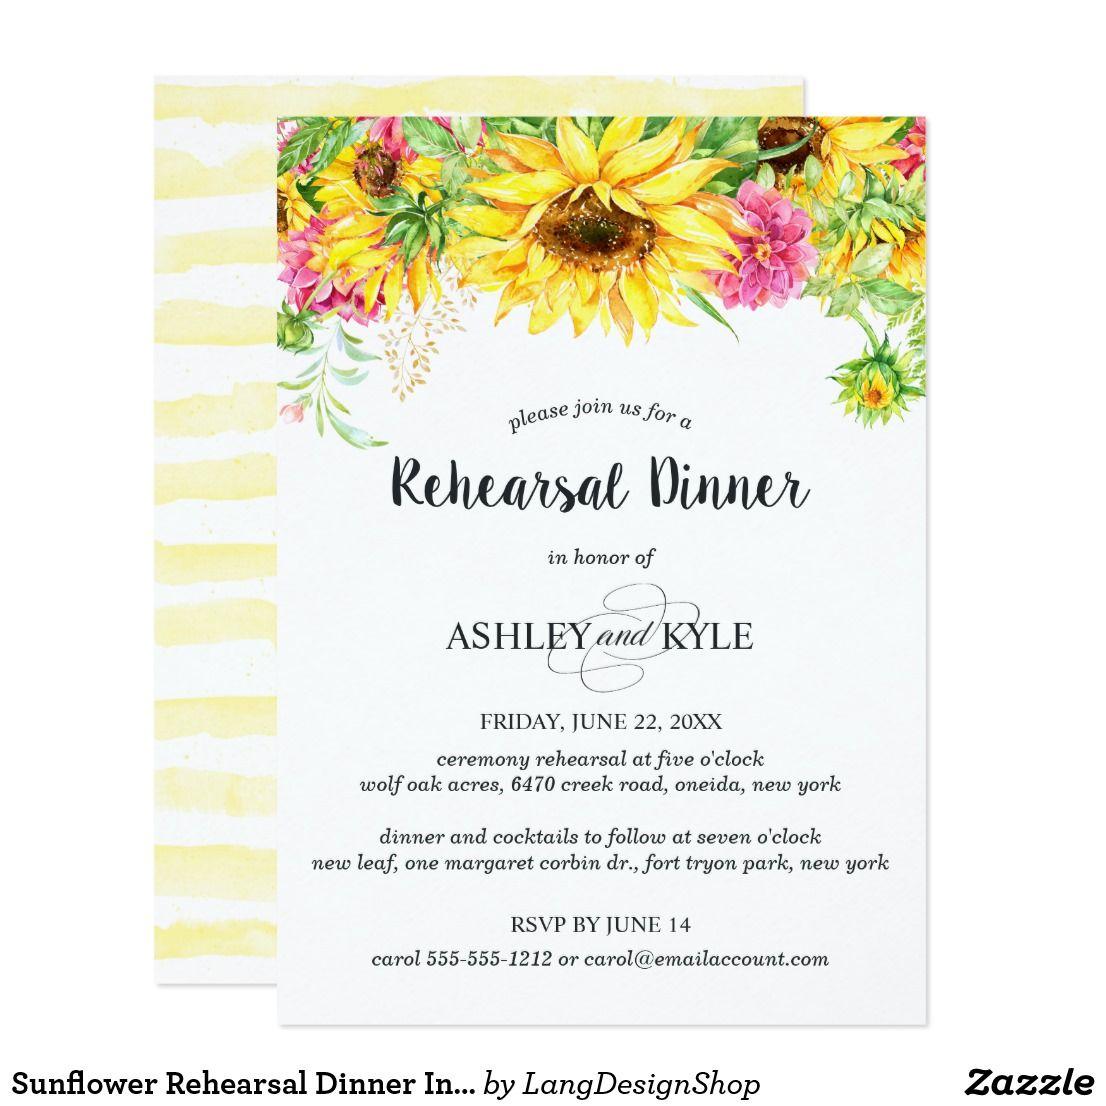 Sunflower Rehearsal Dinner Invitation | Pinterest | Rehearsal ...